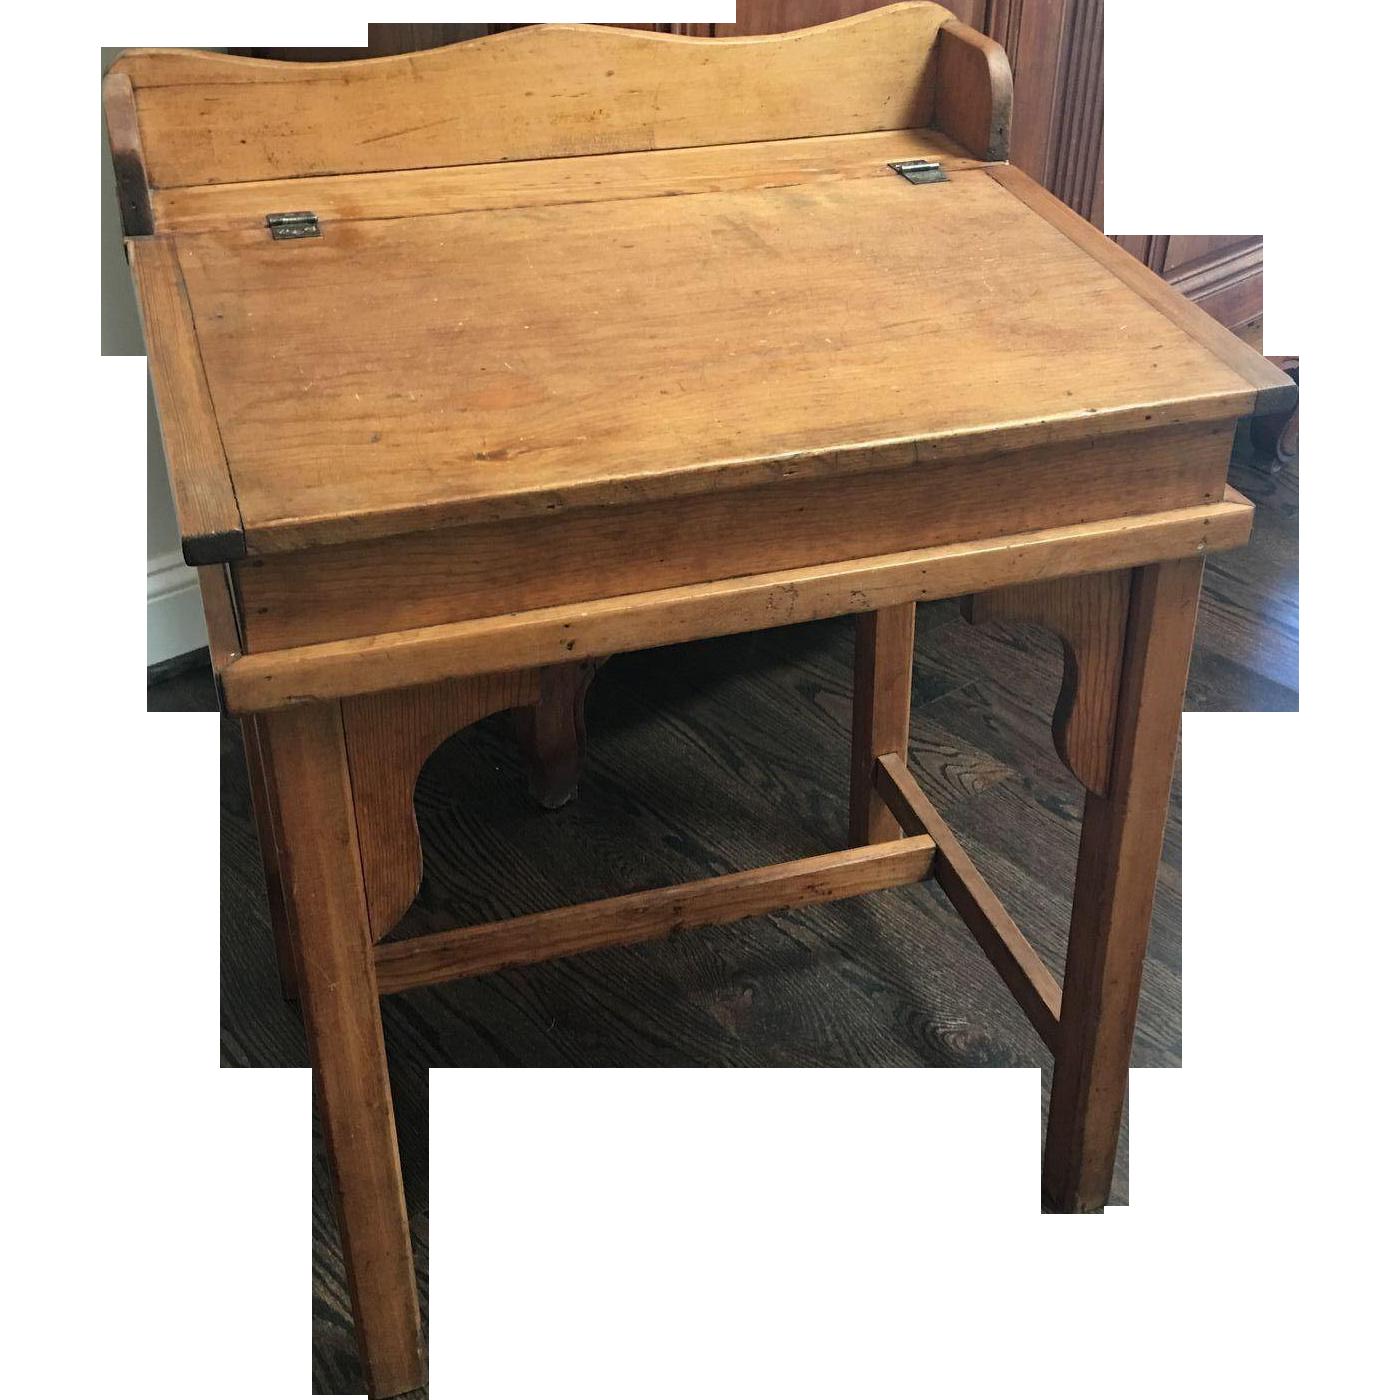 Country Pine Slant Top Children's School Desk